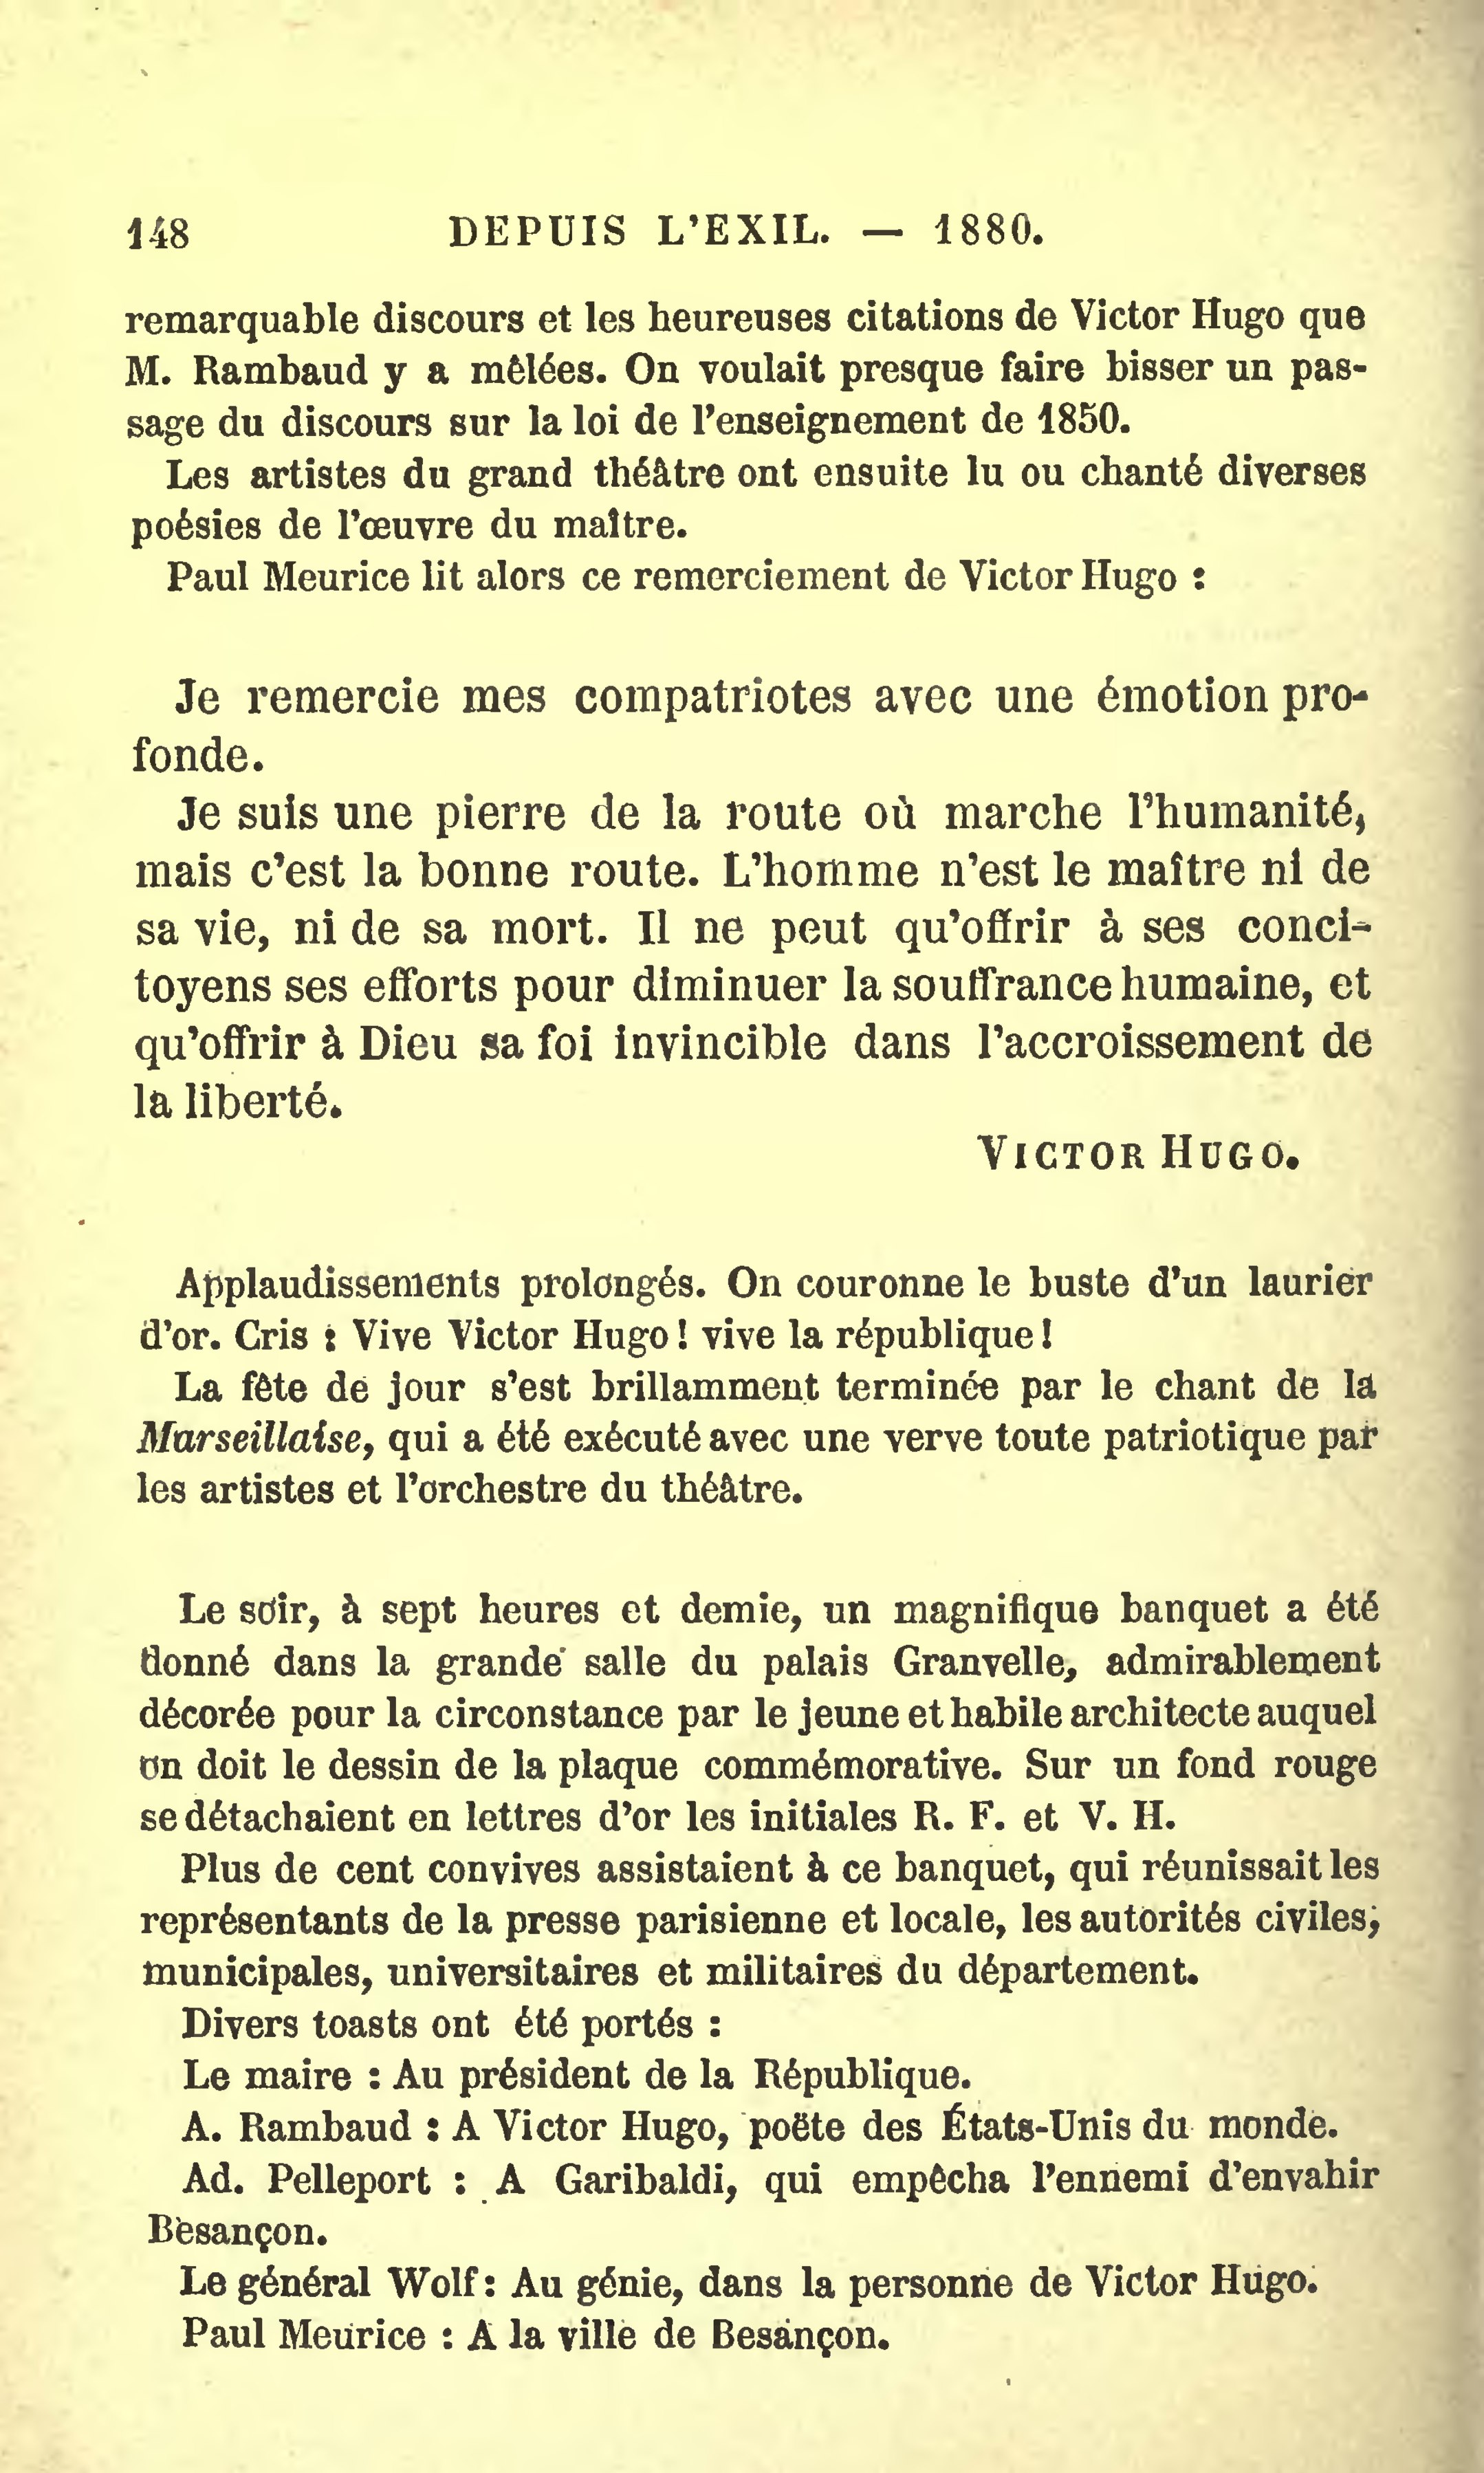 Page Hugo Actes Et Paroles Volume 7 Djvu 158 Wikisource